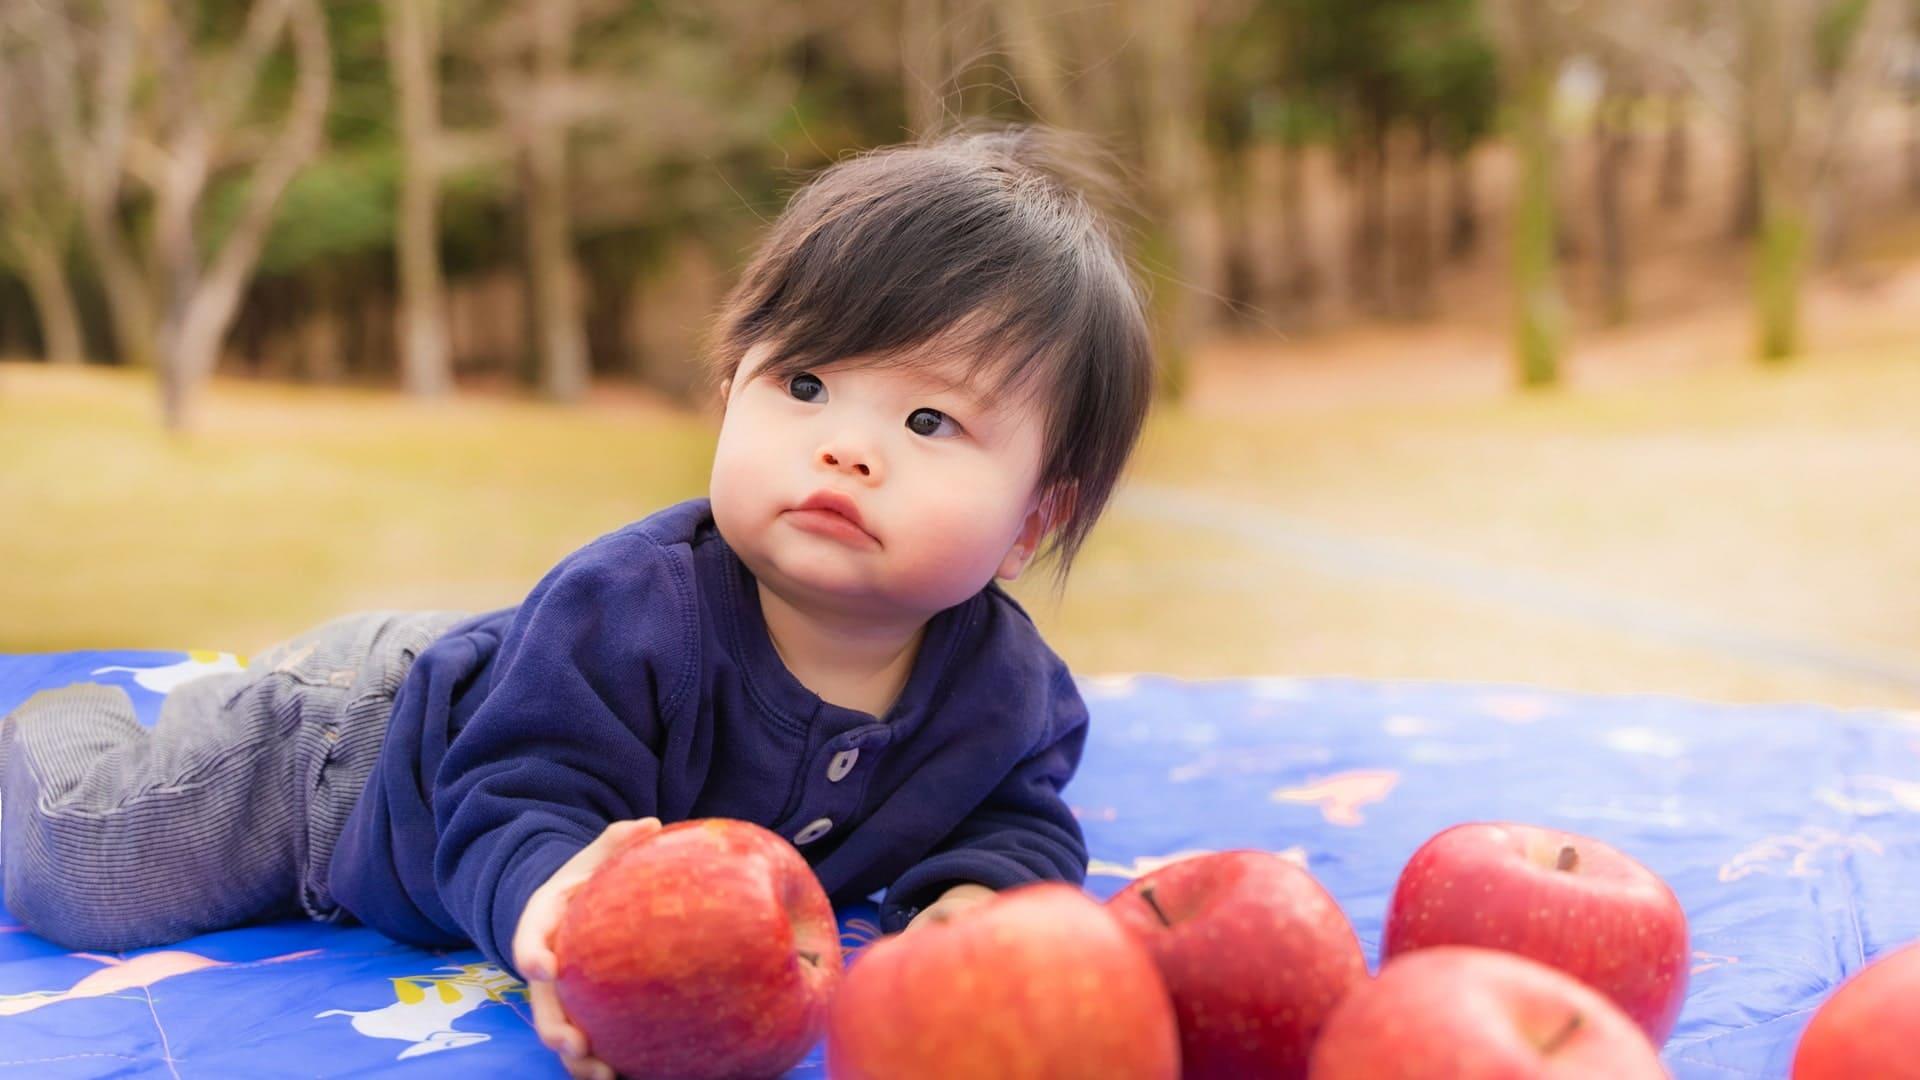 有限会社あおぞらが通販している東北の特産品、津軽産りんごと子供の写真